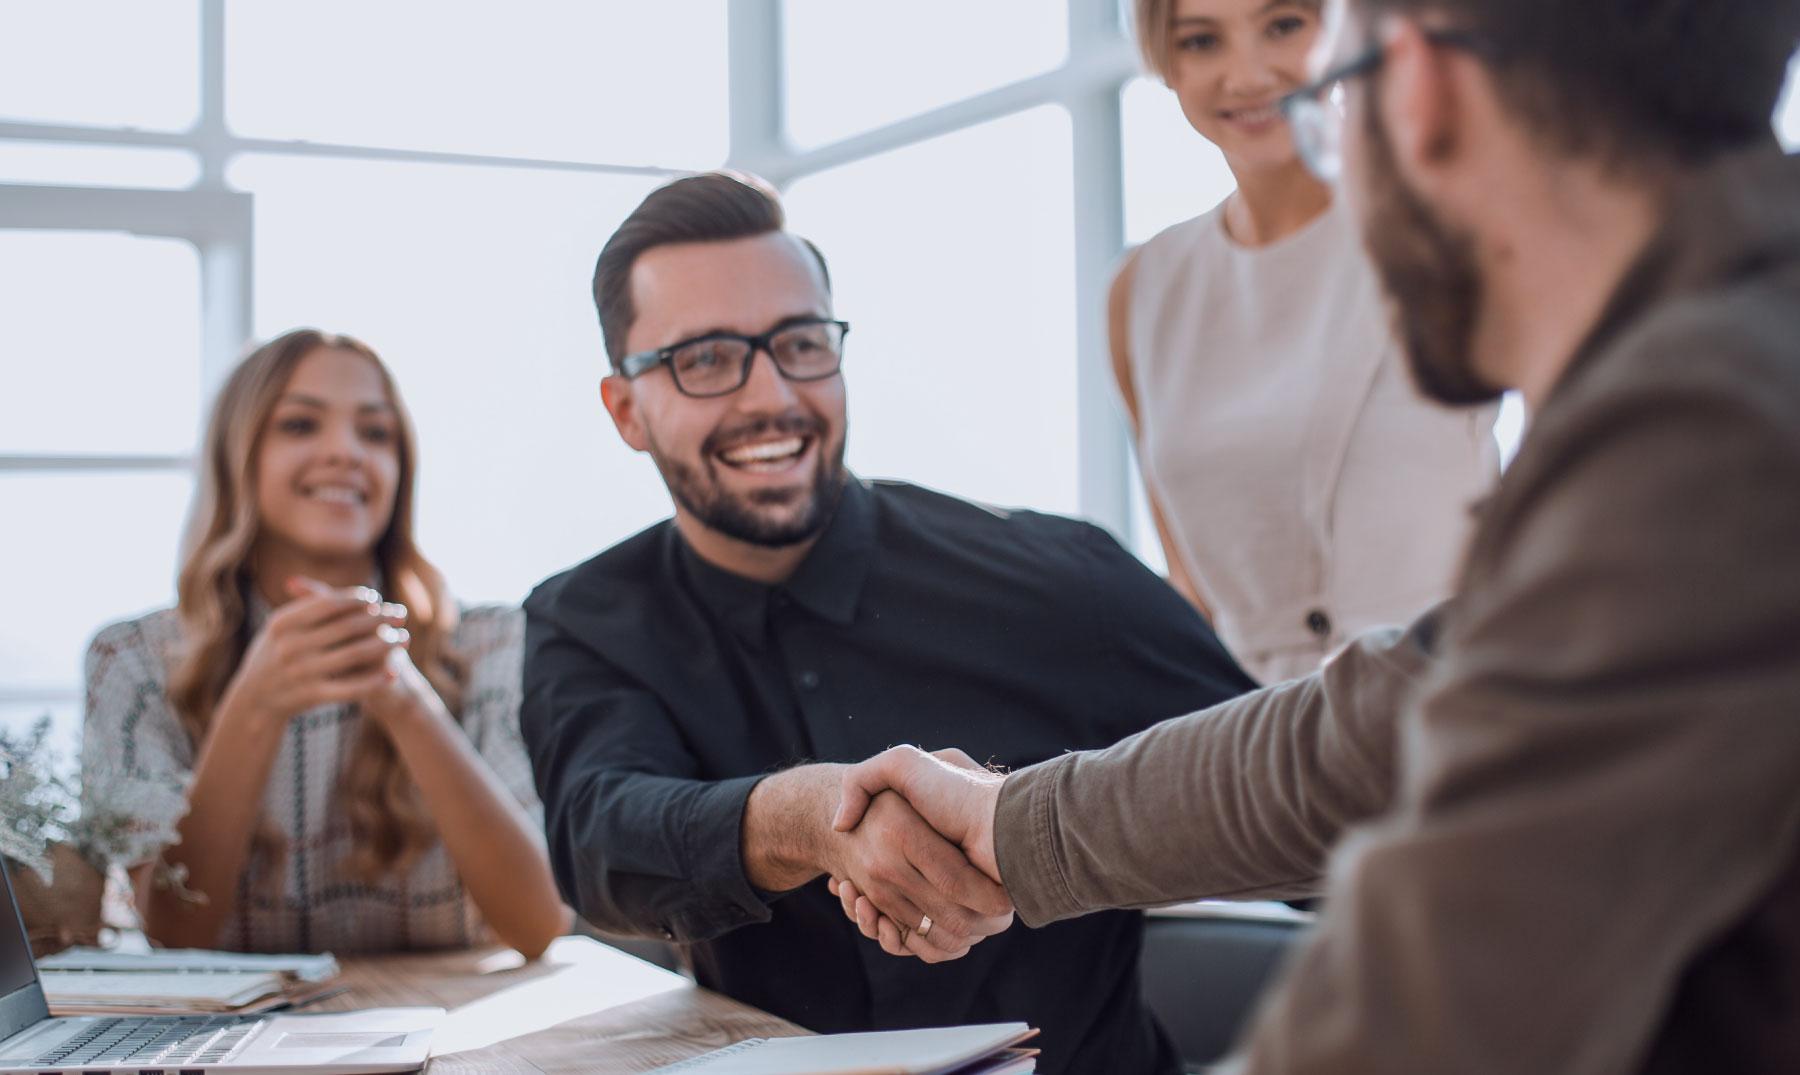 Manten una buena actitud con tus clientes